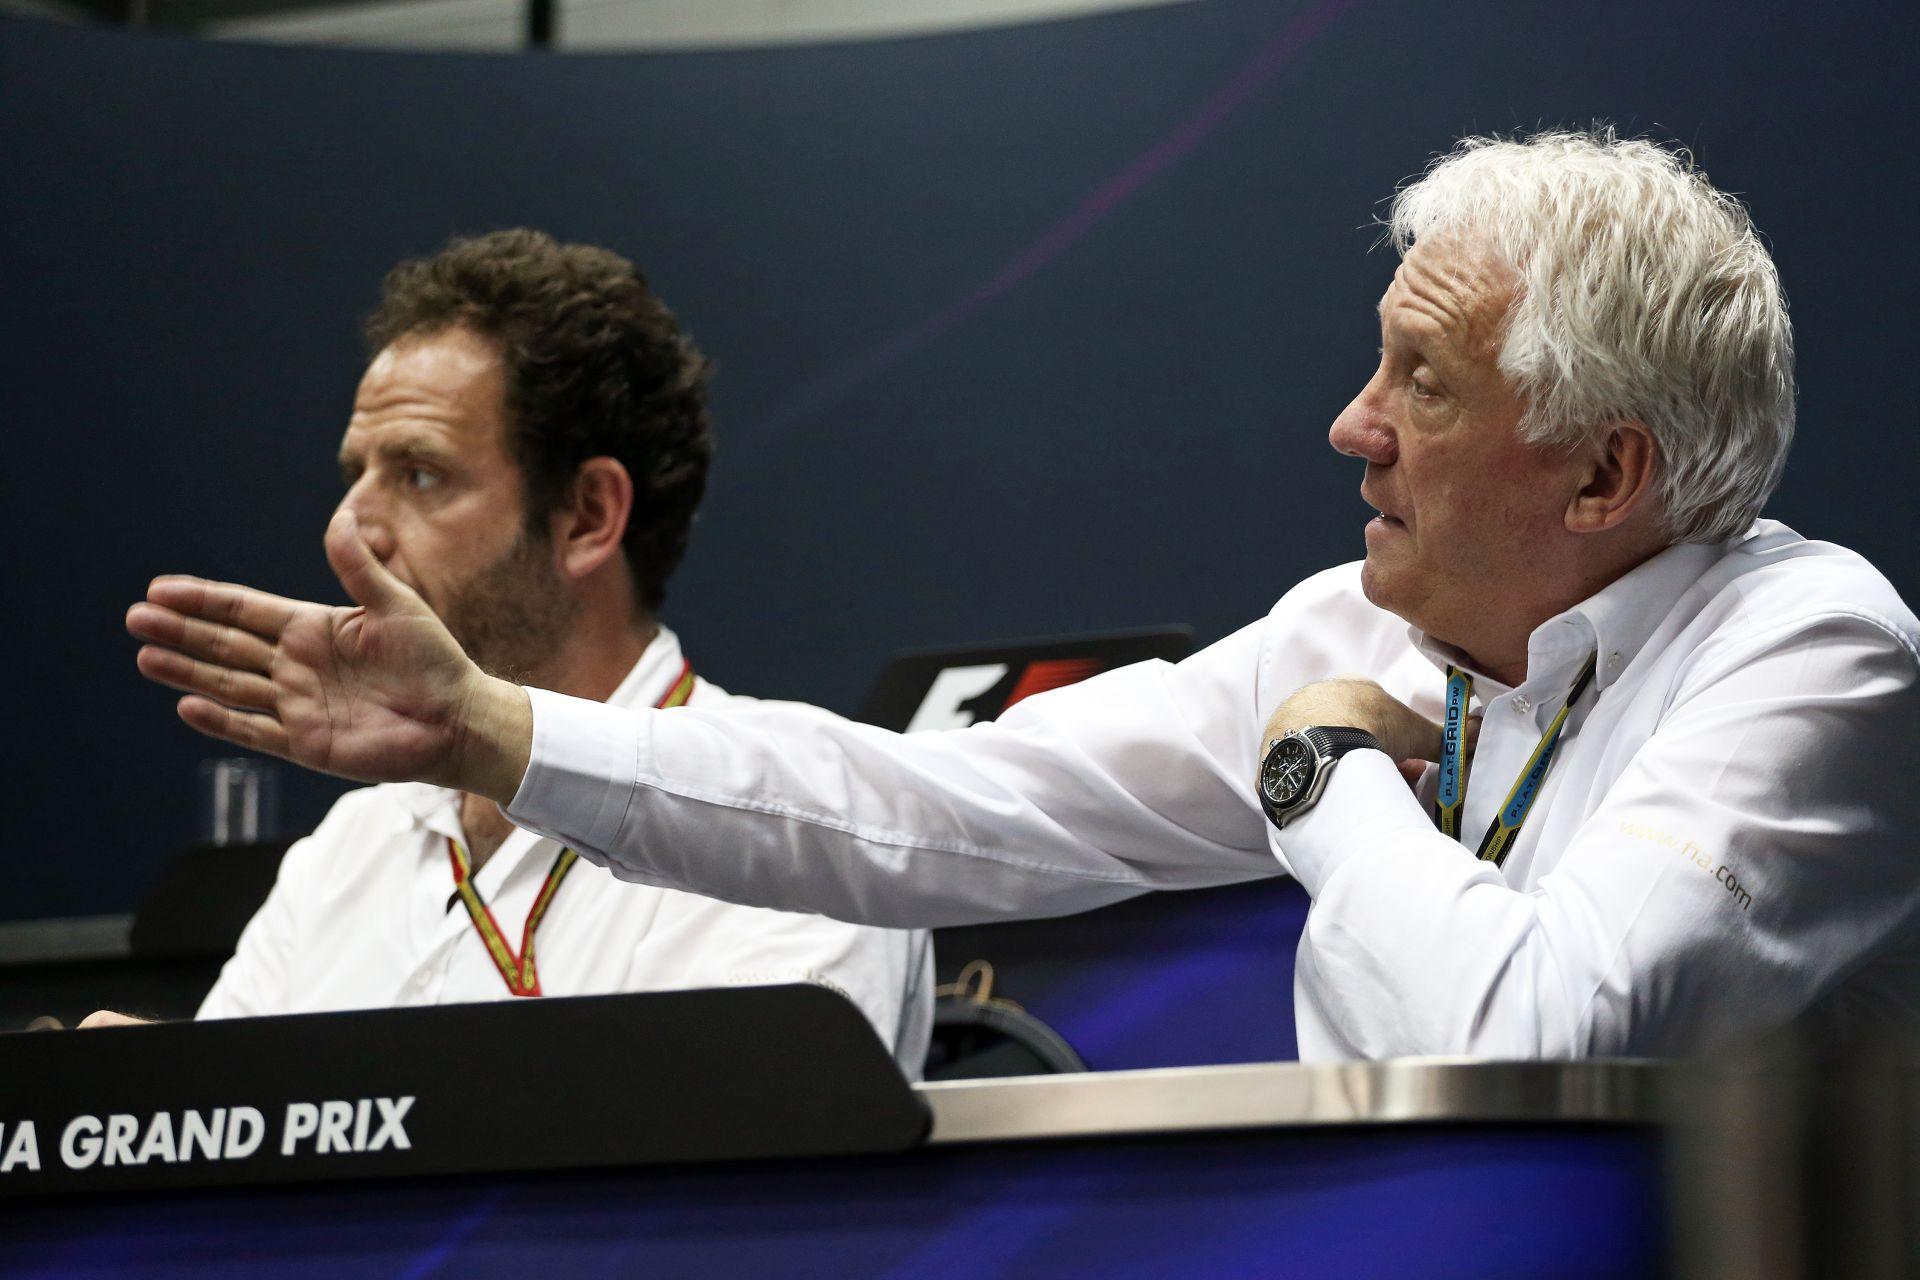 Az FIA figyelmeztette a versenyzőket Bahreinben: Büntetések várhatóak